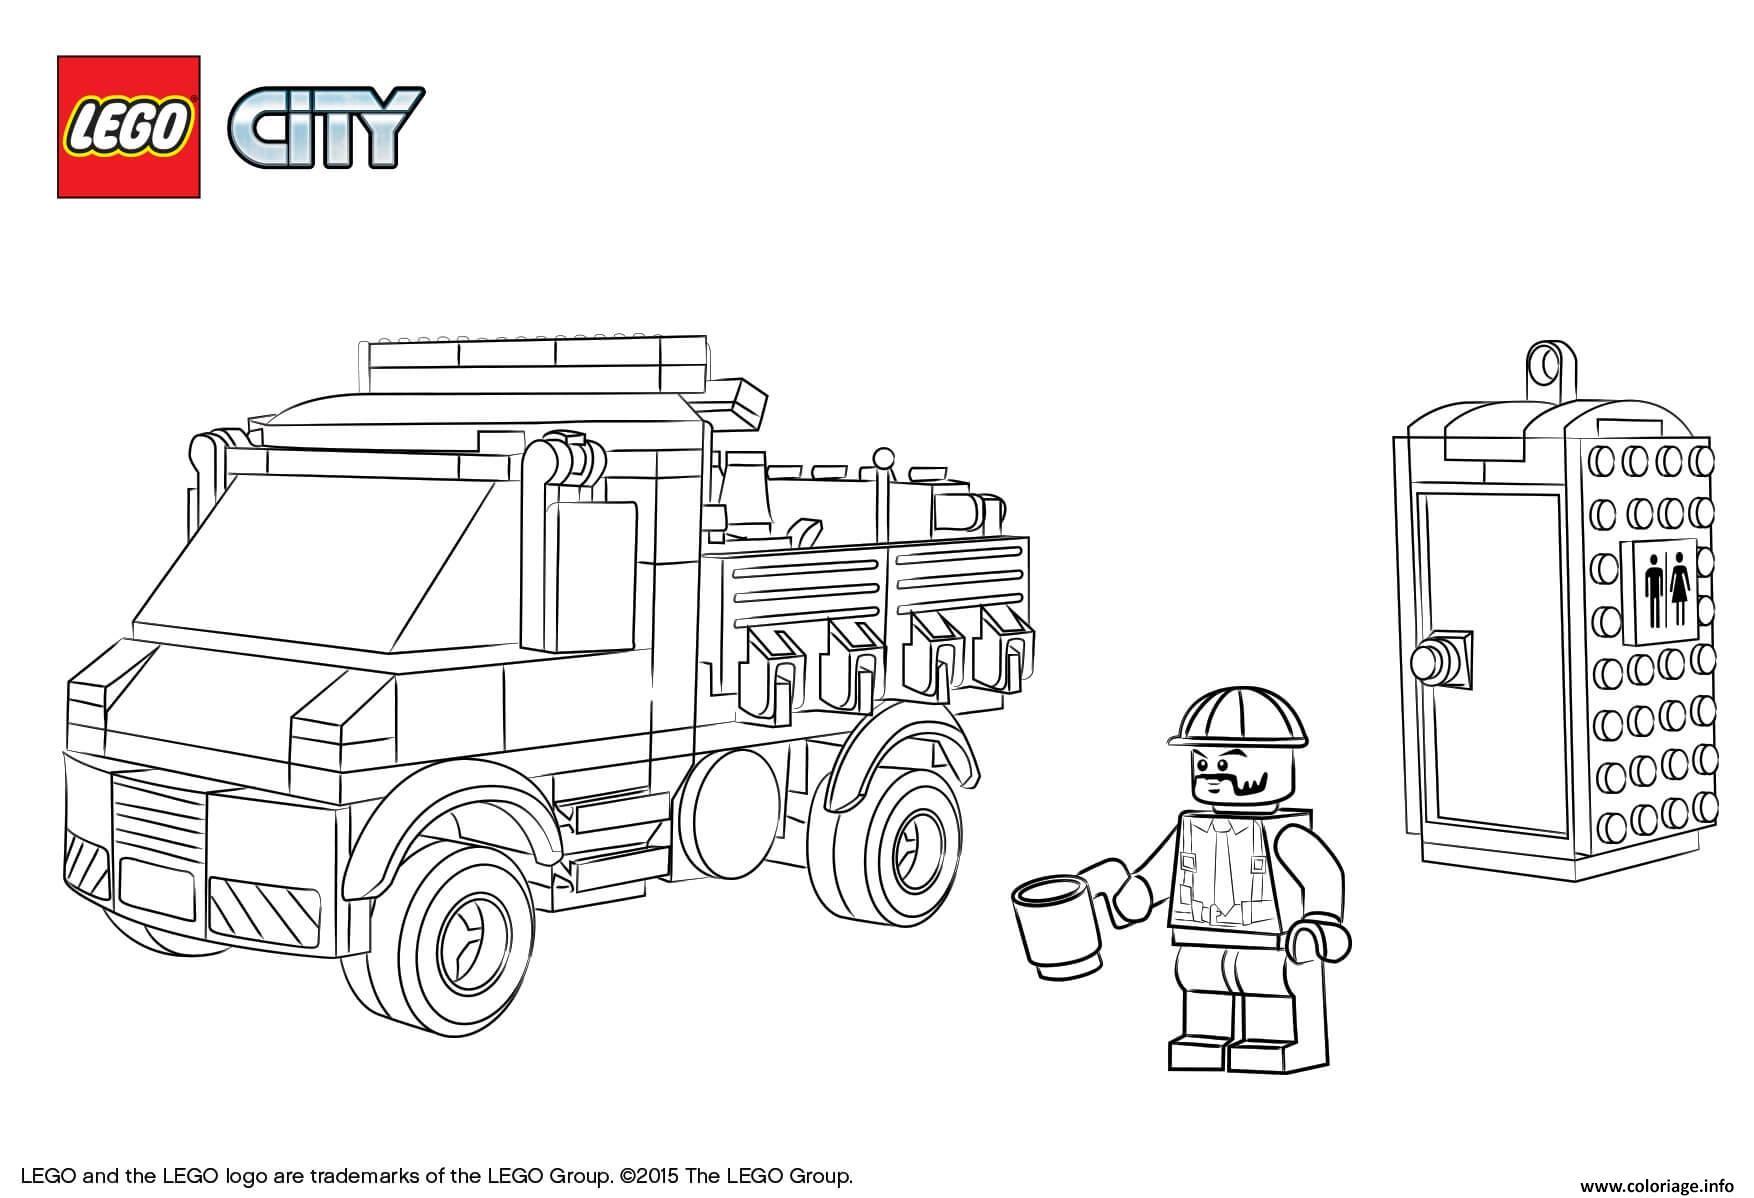 Coloriage Lego City Service Truck Dessin